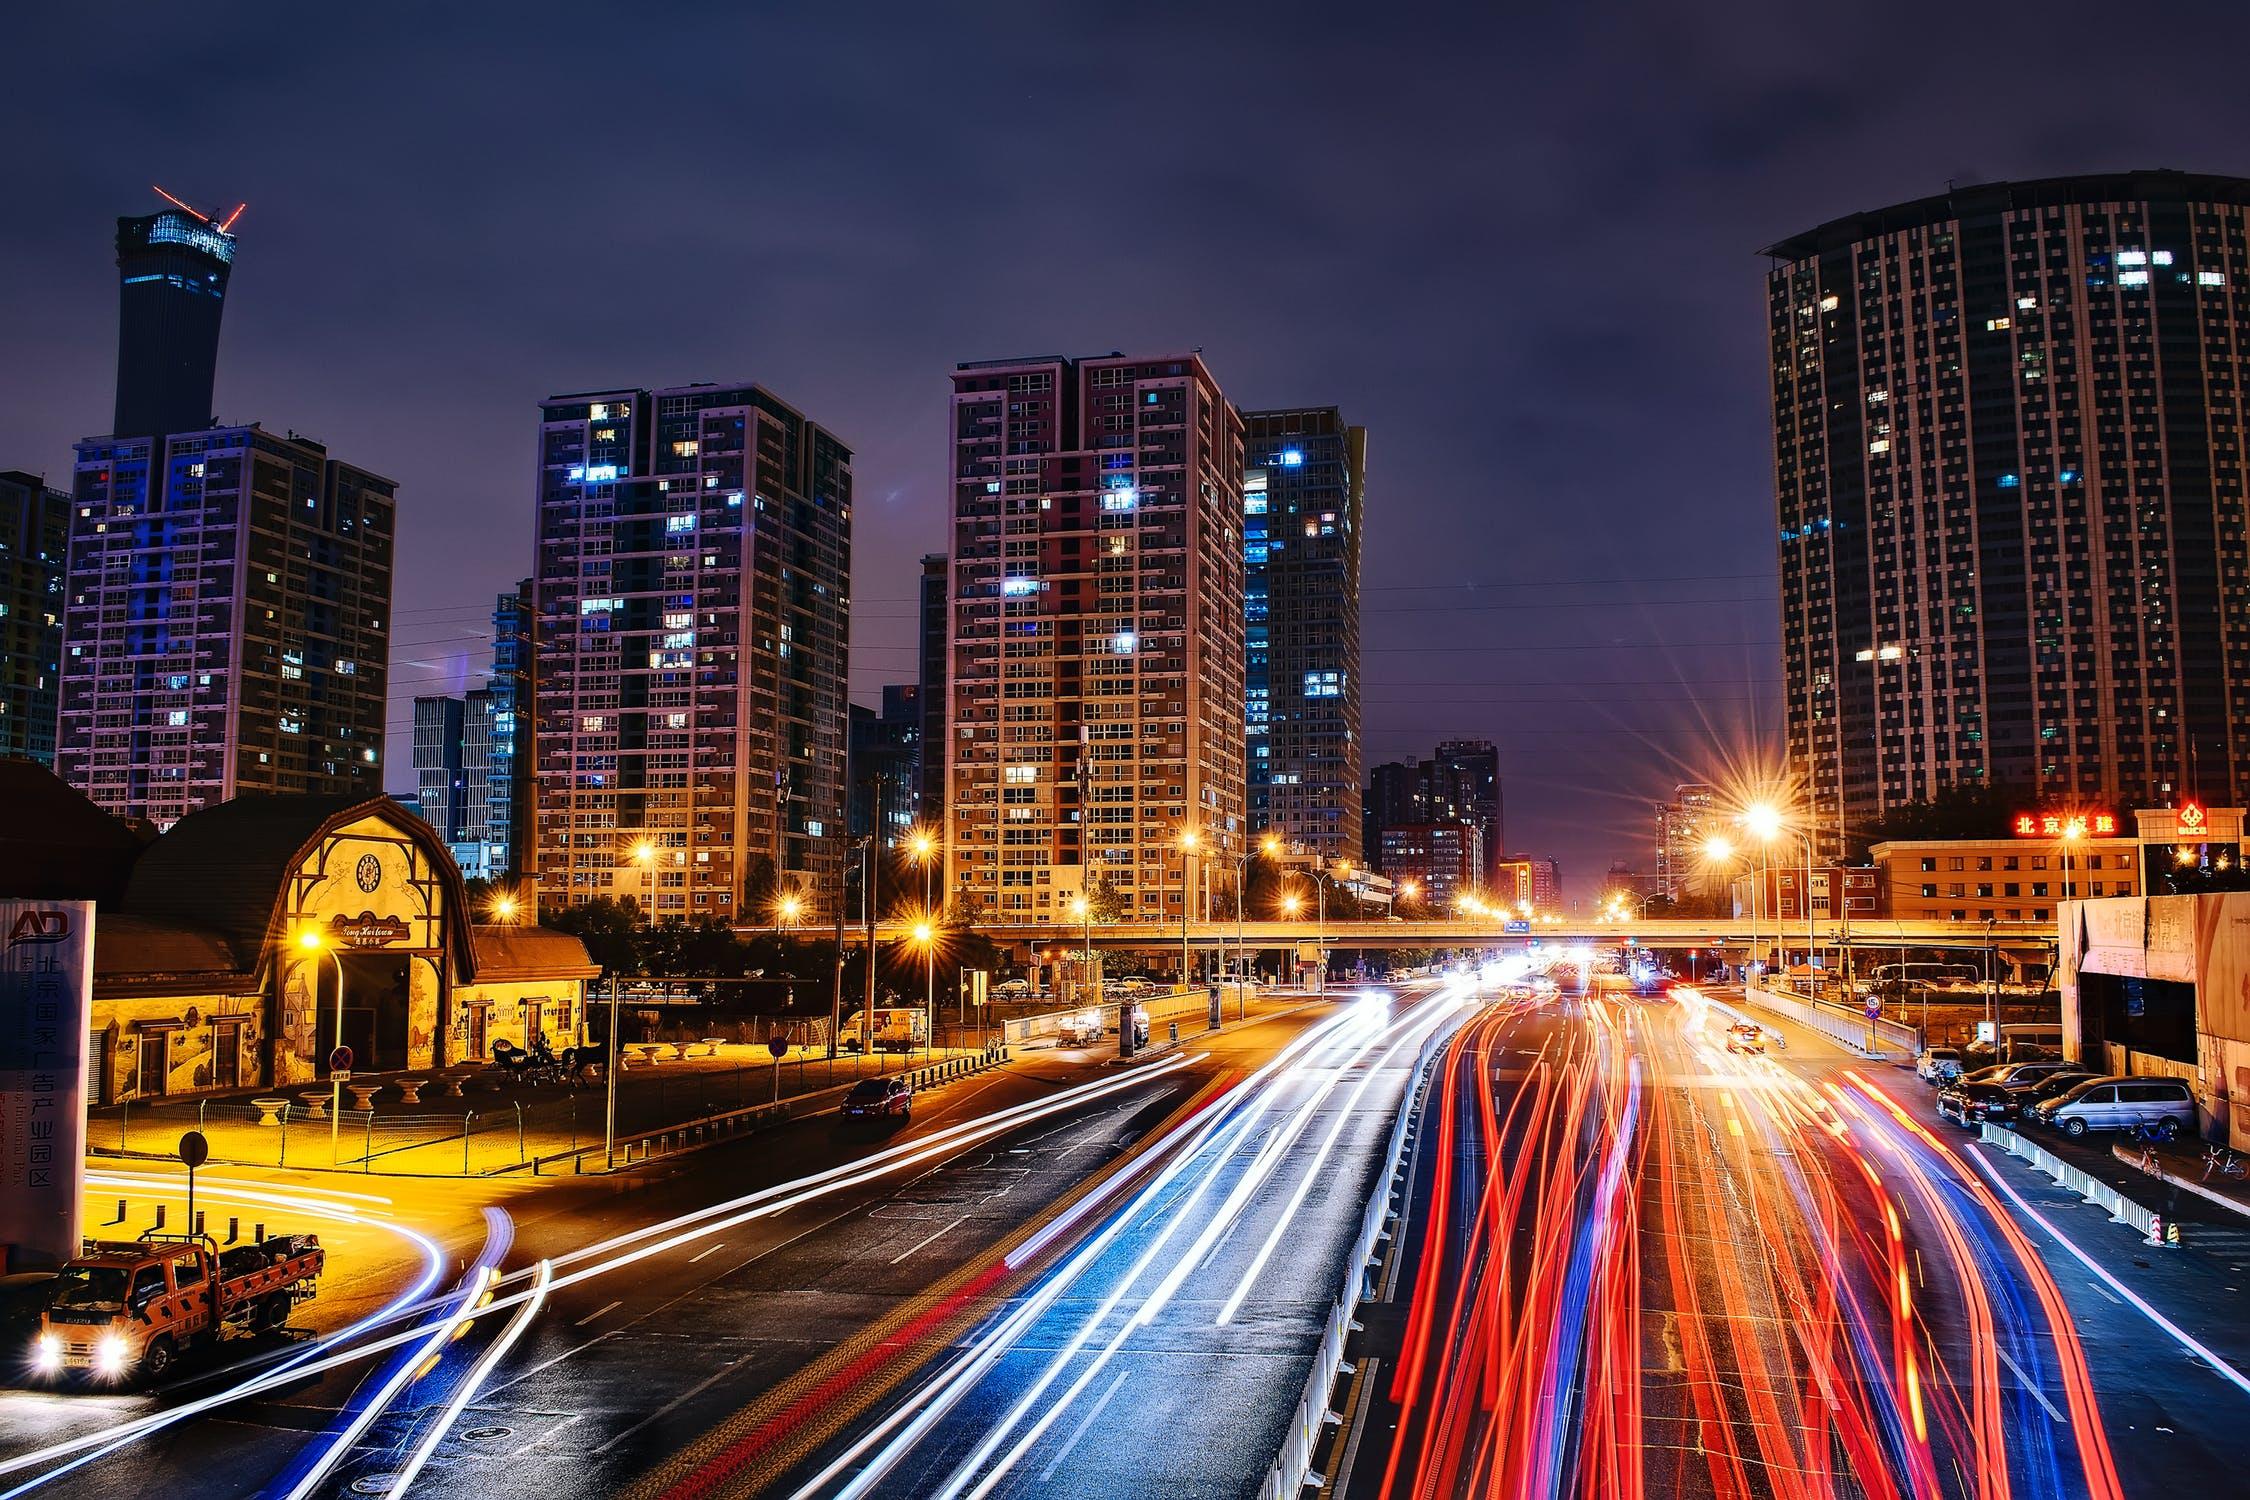 为什么大部分人更愿意留在大城市生活?